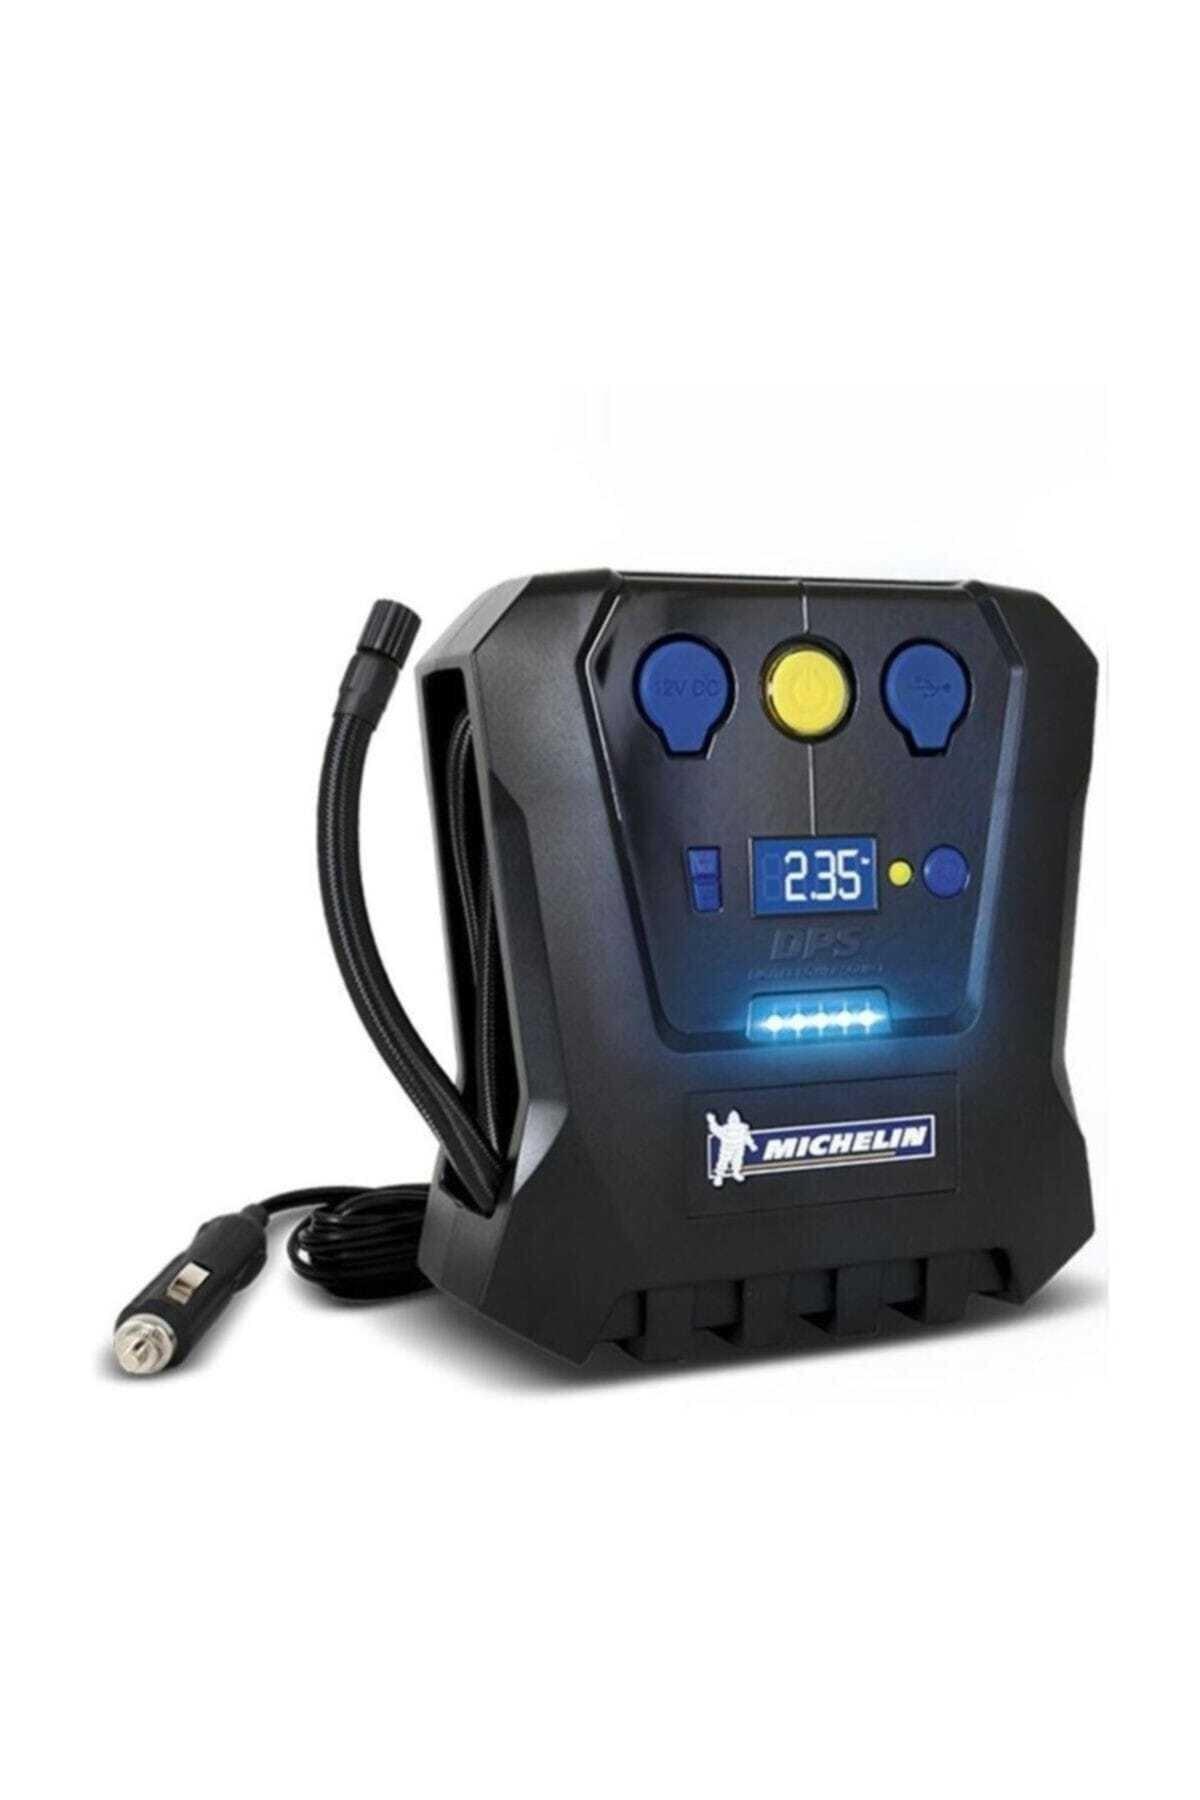 Michelin Mc12266 12volt 120 Psı Dijital Basınç Göstergeli Hava Pompası 2